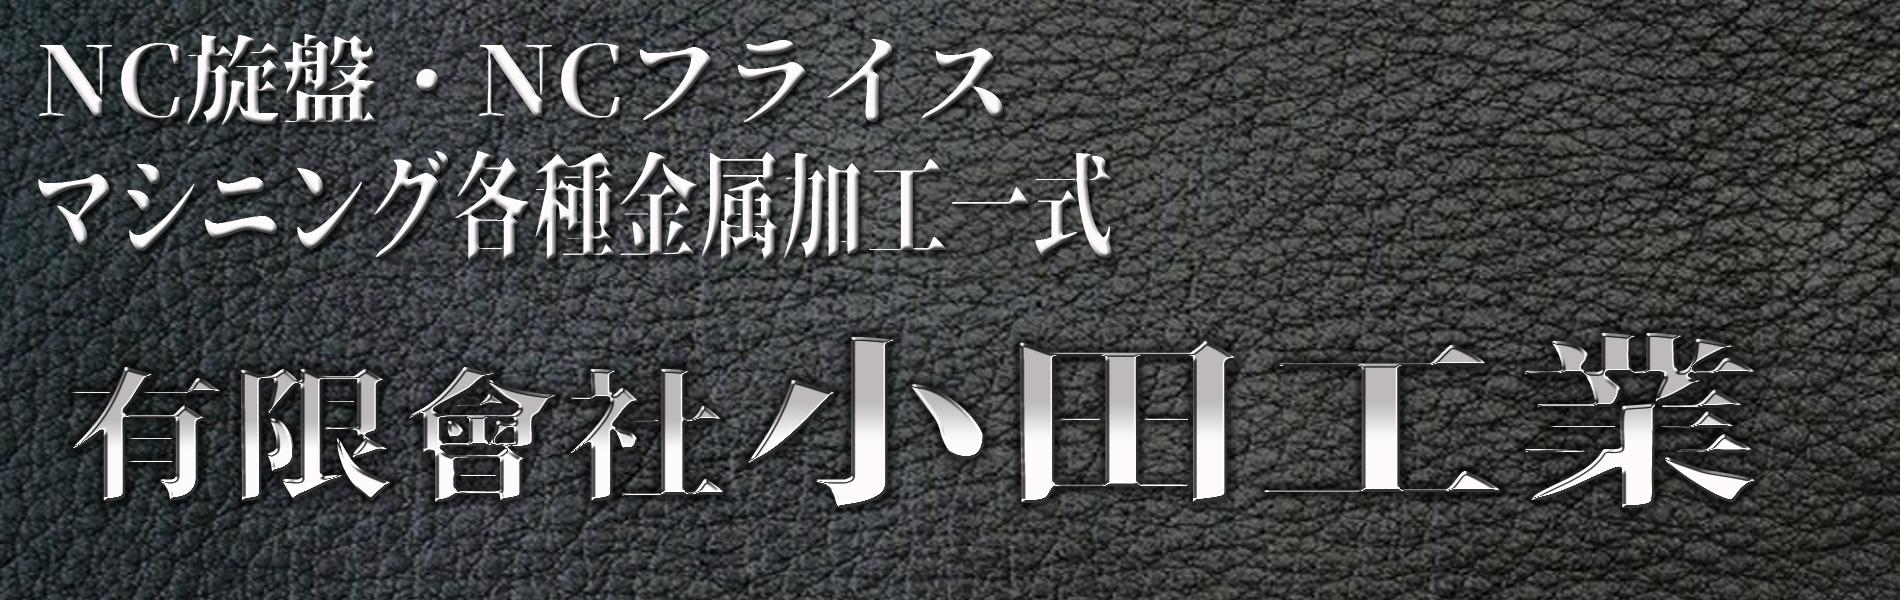 有限會社小田工業